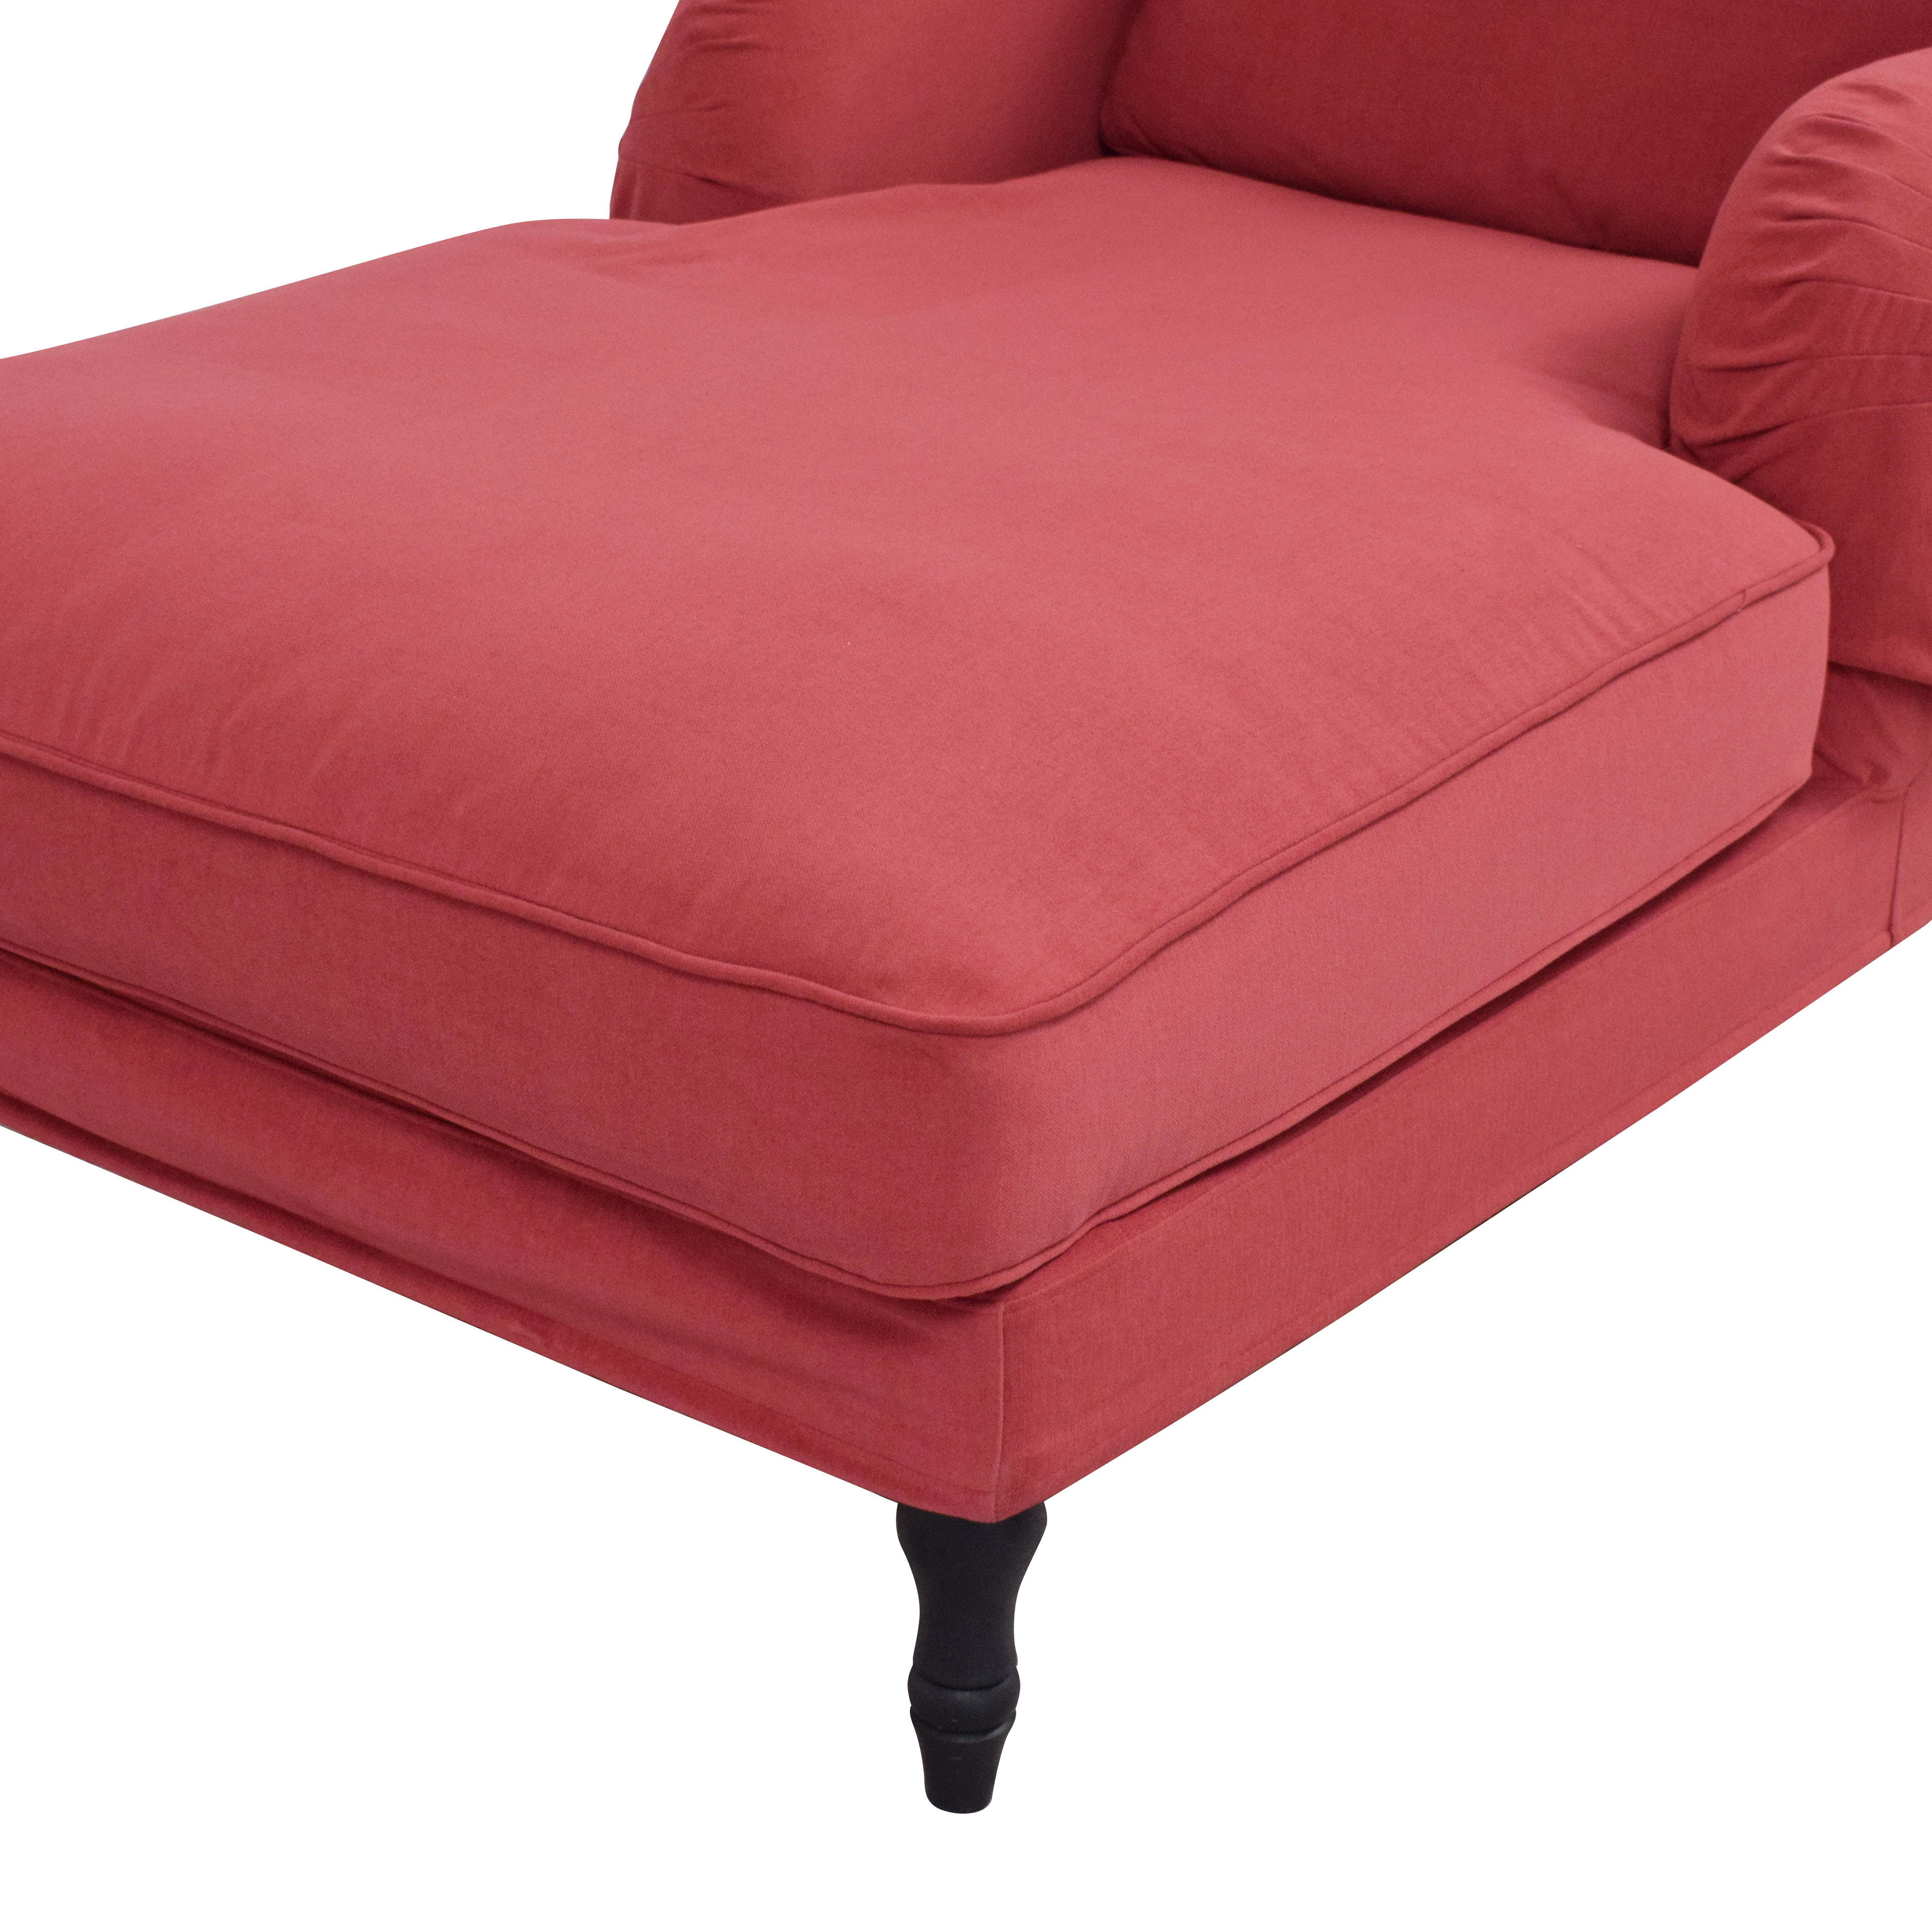 IKEA IKEA Chaise Lounge second hand